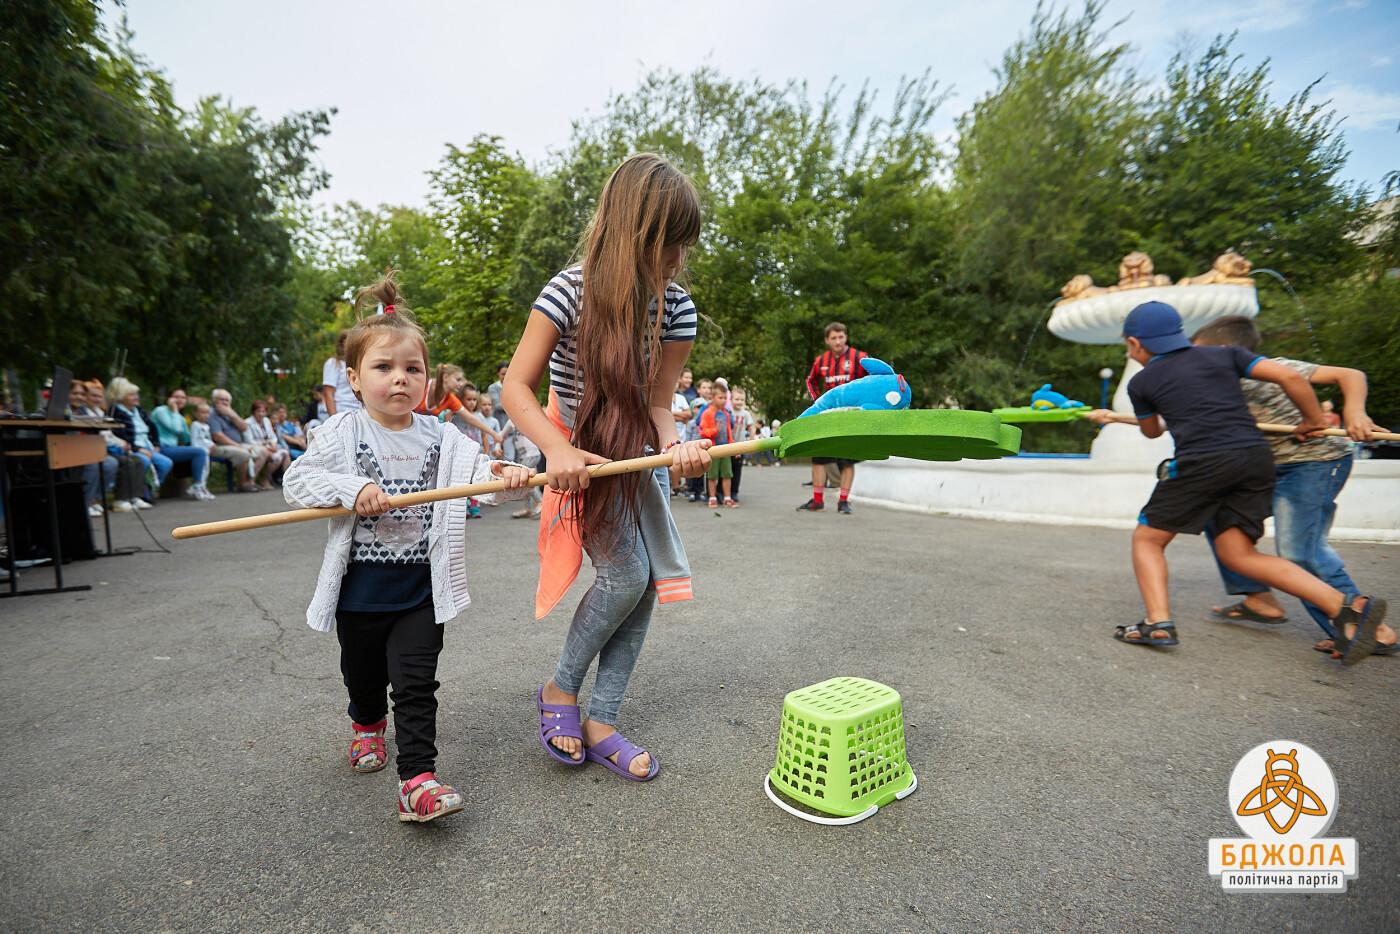 Аниматоры, конкурсы и подарки: на Днепрострое в Каменском прошел детский праздник, фото-3